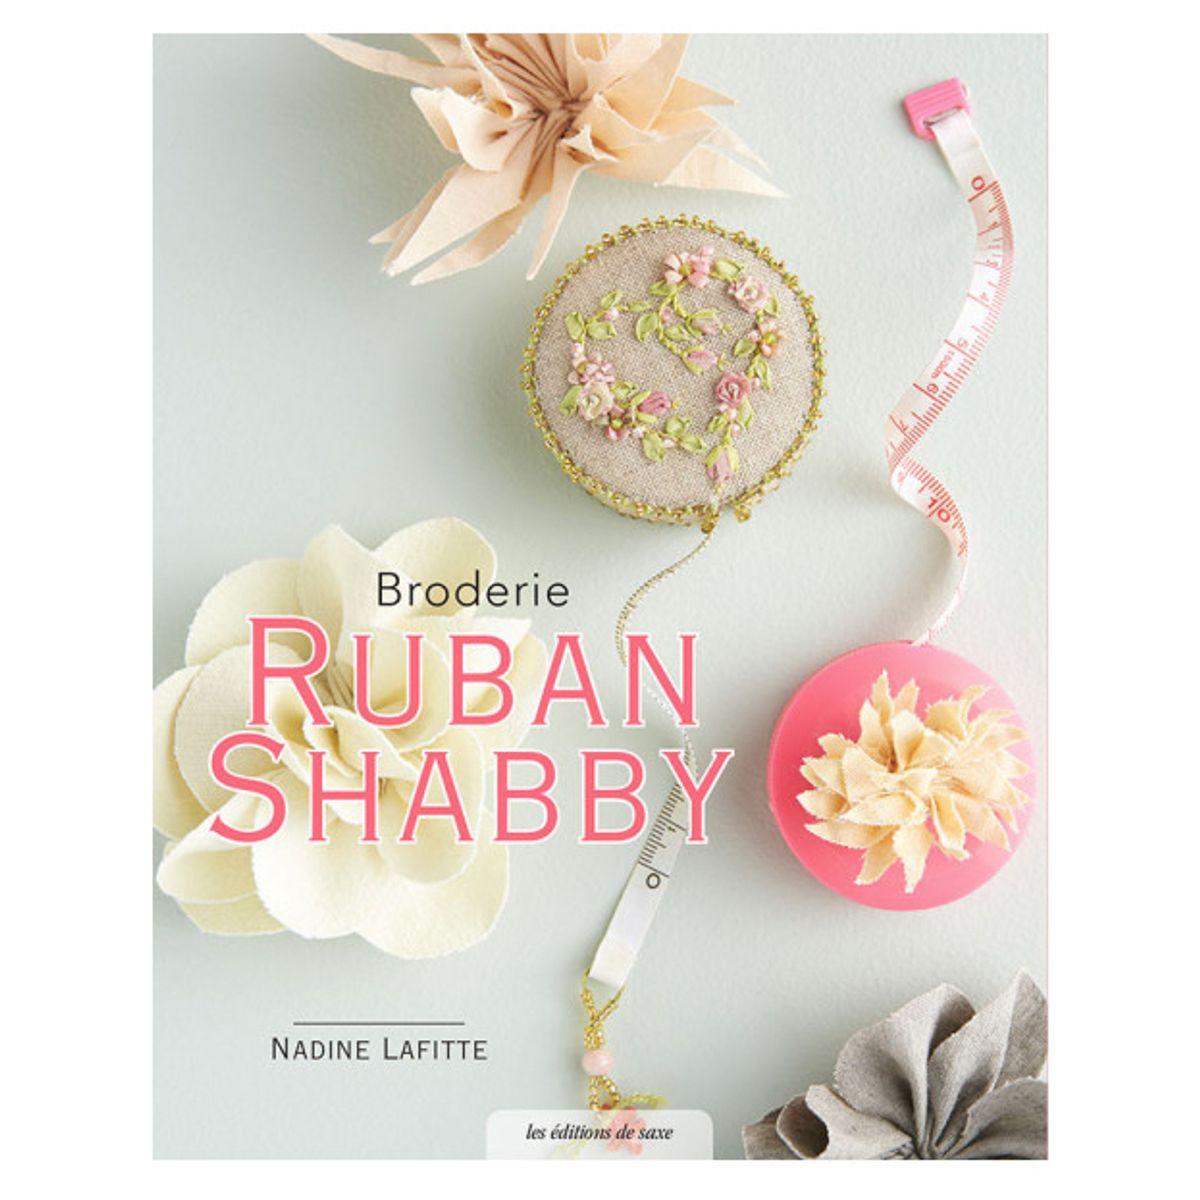 Livre broderie ruban shabby